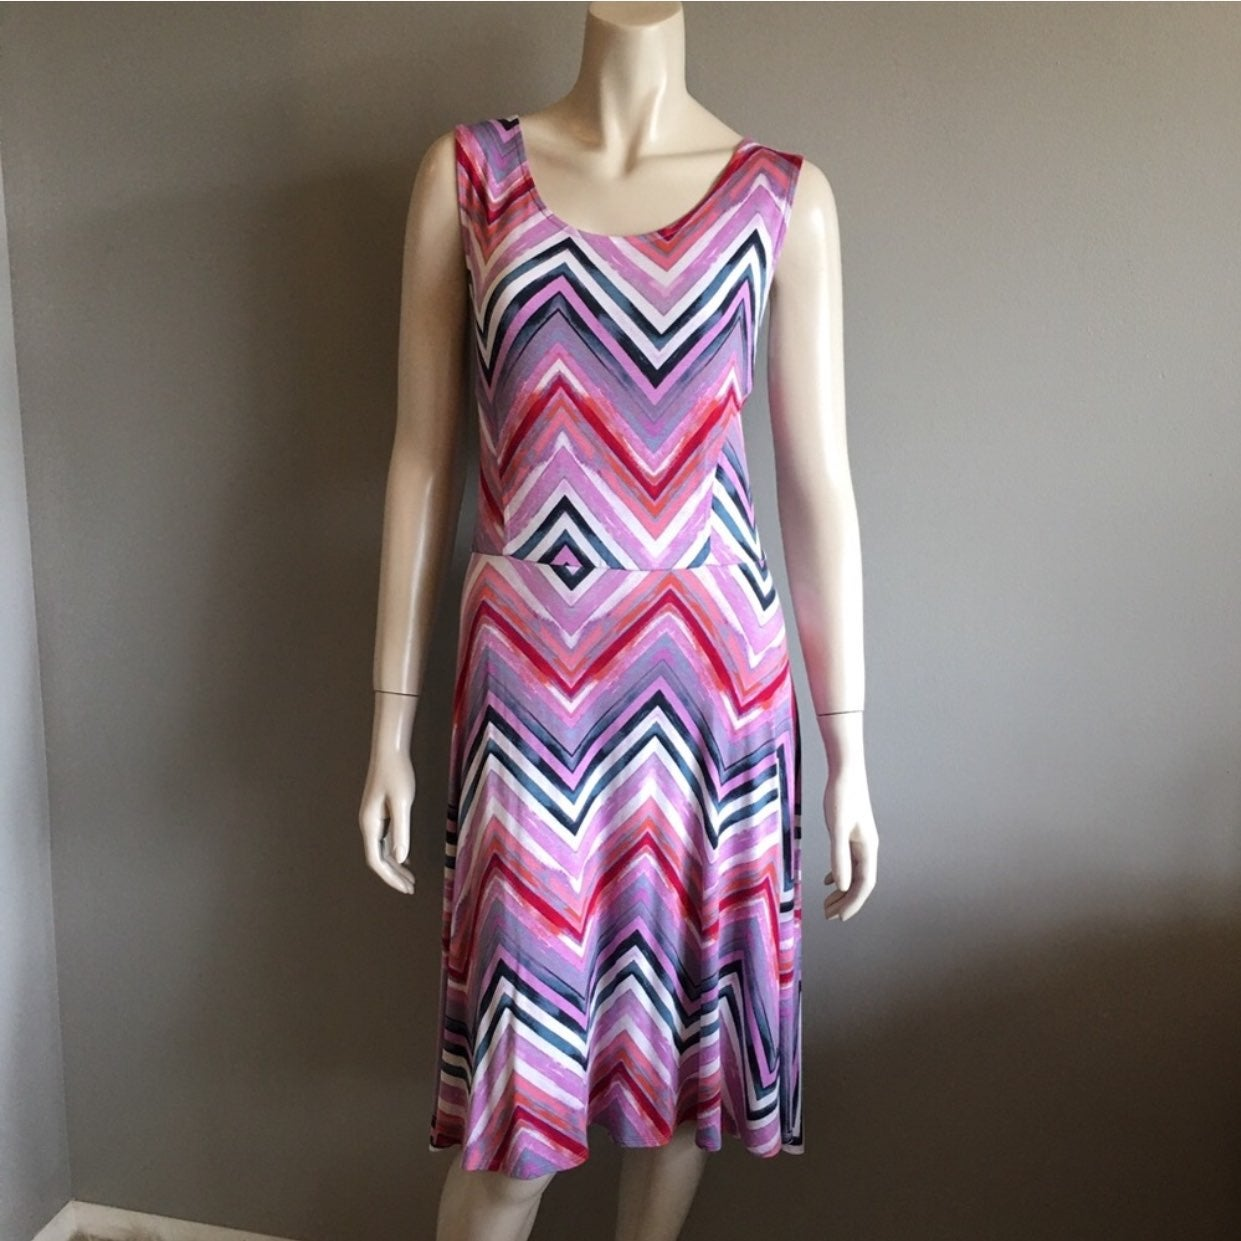 A.N.A. Soft Knit Midi Dress